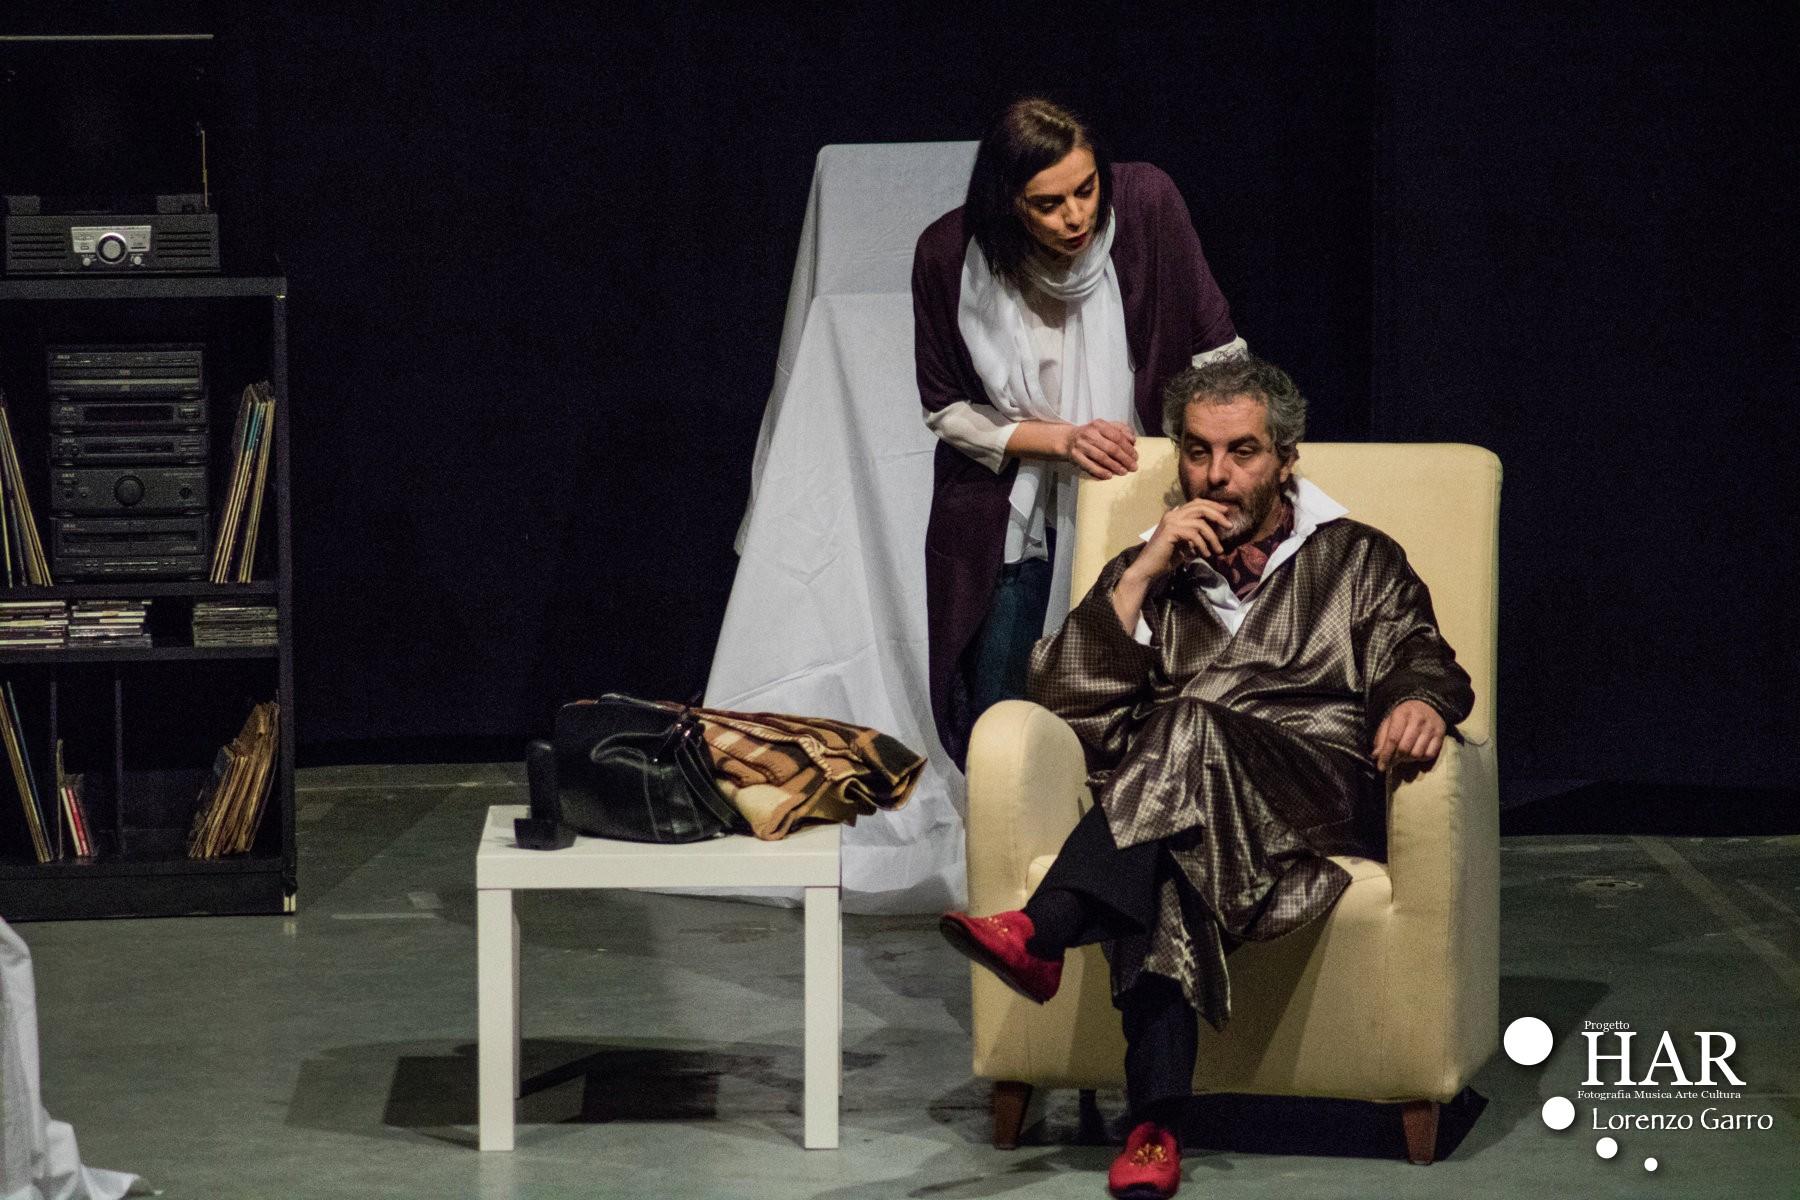 Rossana parla con Dio (2015/2016)